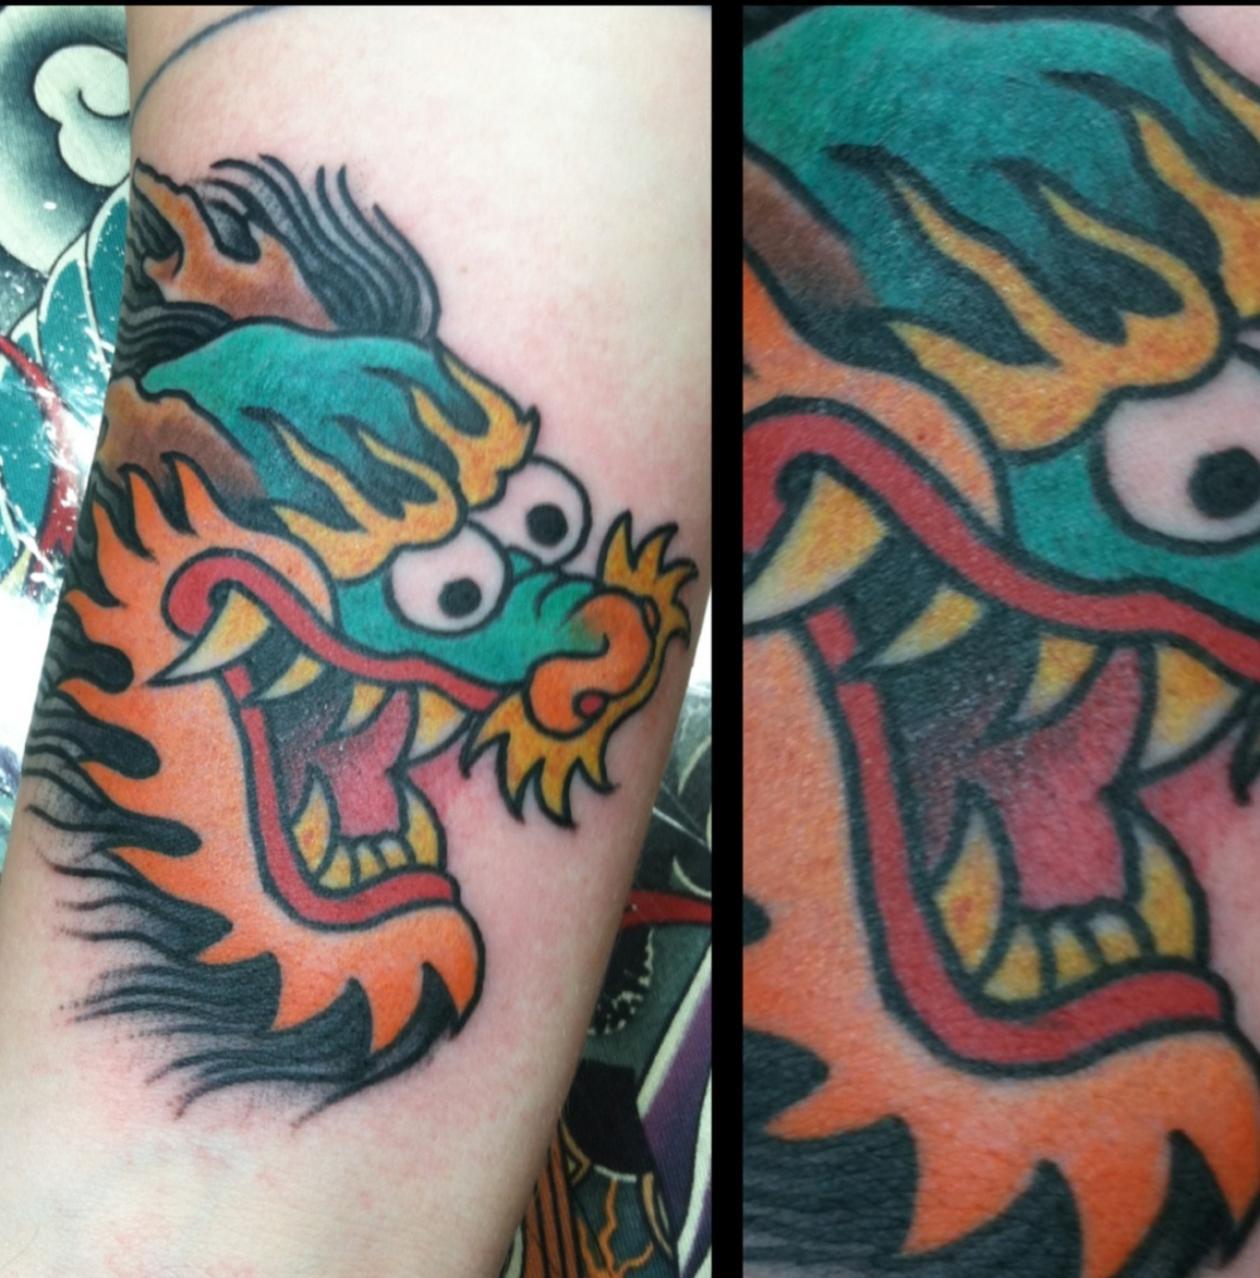 los tatuajes de la vieja escuela Imagenes de Tatuajes de la Vieja Escuela